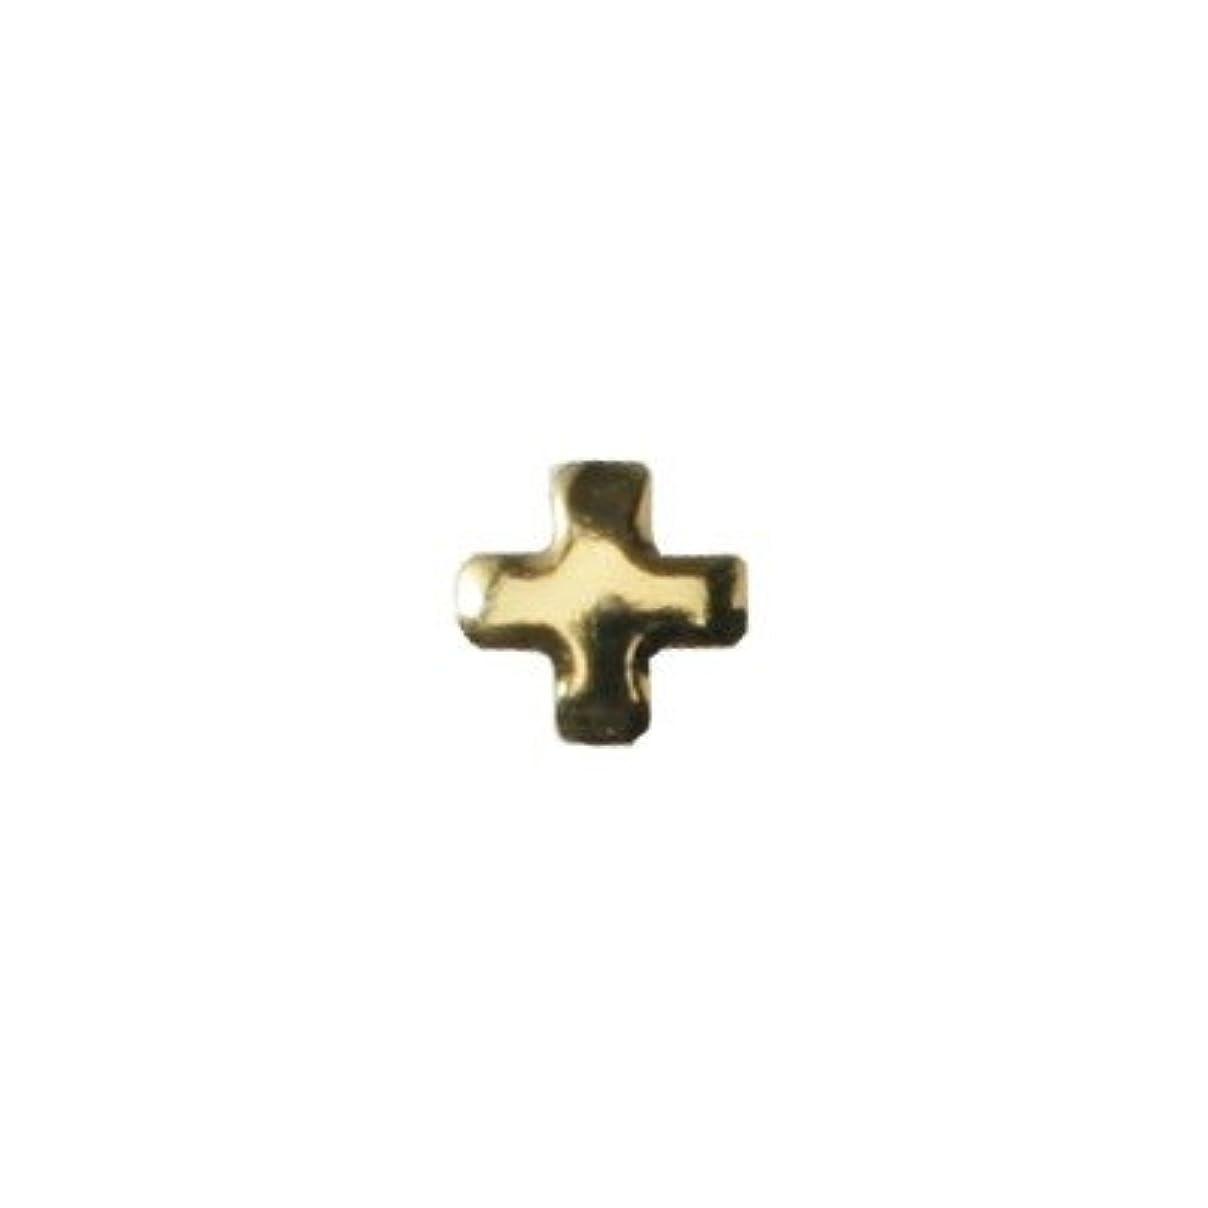 周術期行商人ゼリーピアドラ スタッズ クロスレット 3mm 50P ゴールド